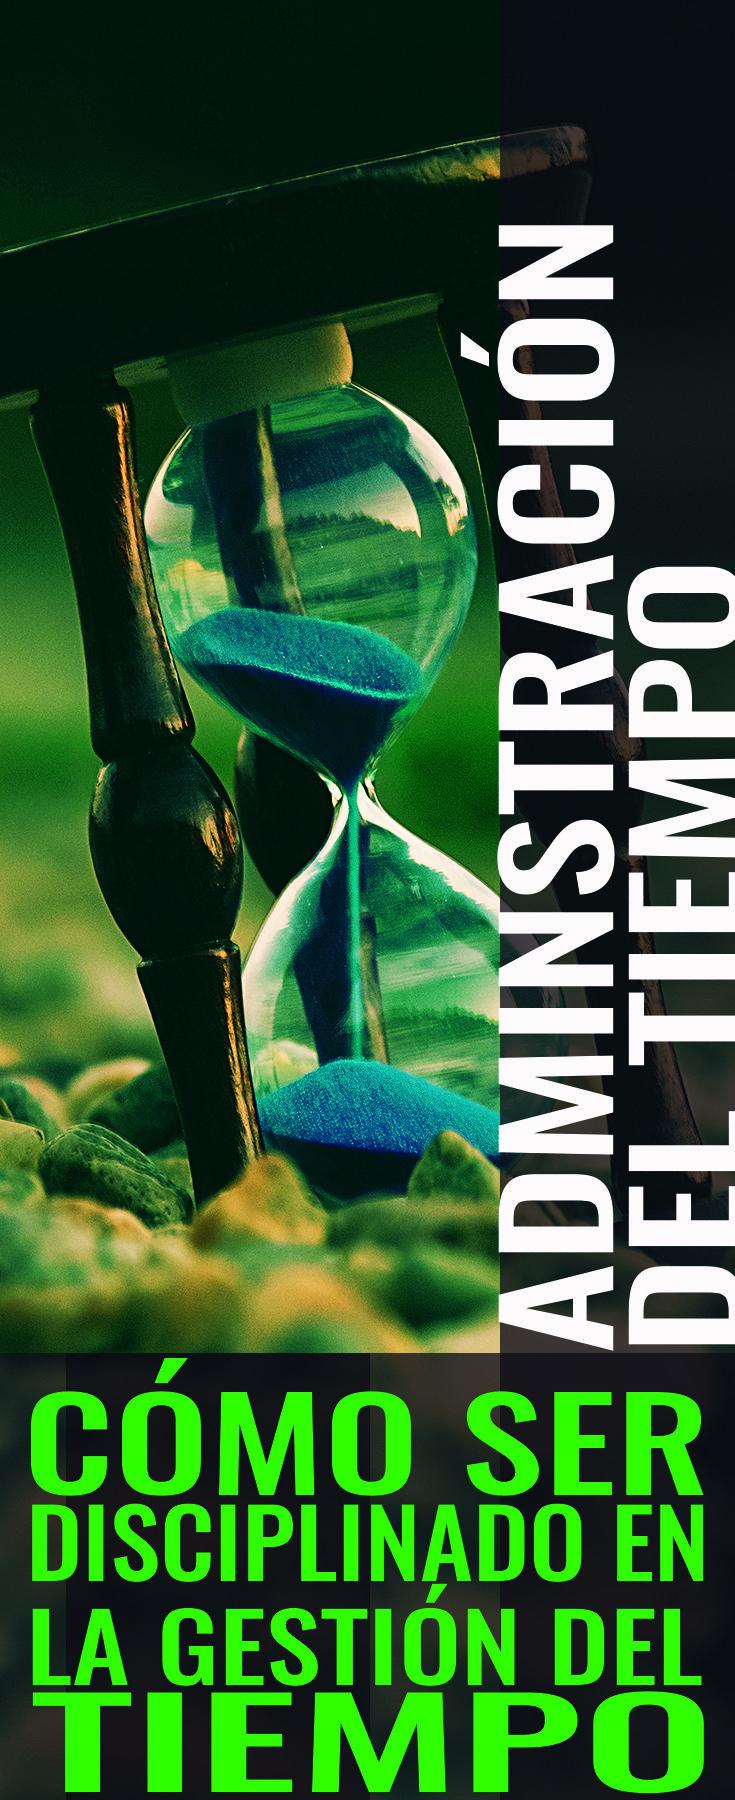 Administración del Tiempo (efectiva) Cómo ser disciplinado en la gestión del tiempo.  administracion del tiempo, como aprovechar el tiempo, como organizar el tiempo, como organizar mi tiempo, como ser disciplinado, como ser mas productivo, disciplina, eficiencia, gestion de tiempo, gestion del tiempo, organizacion del tiempo, procrastinar, productividad, productividad en el trabajo